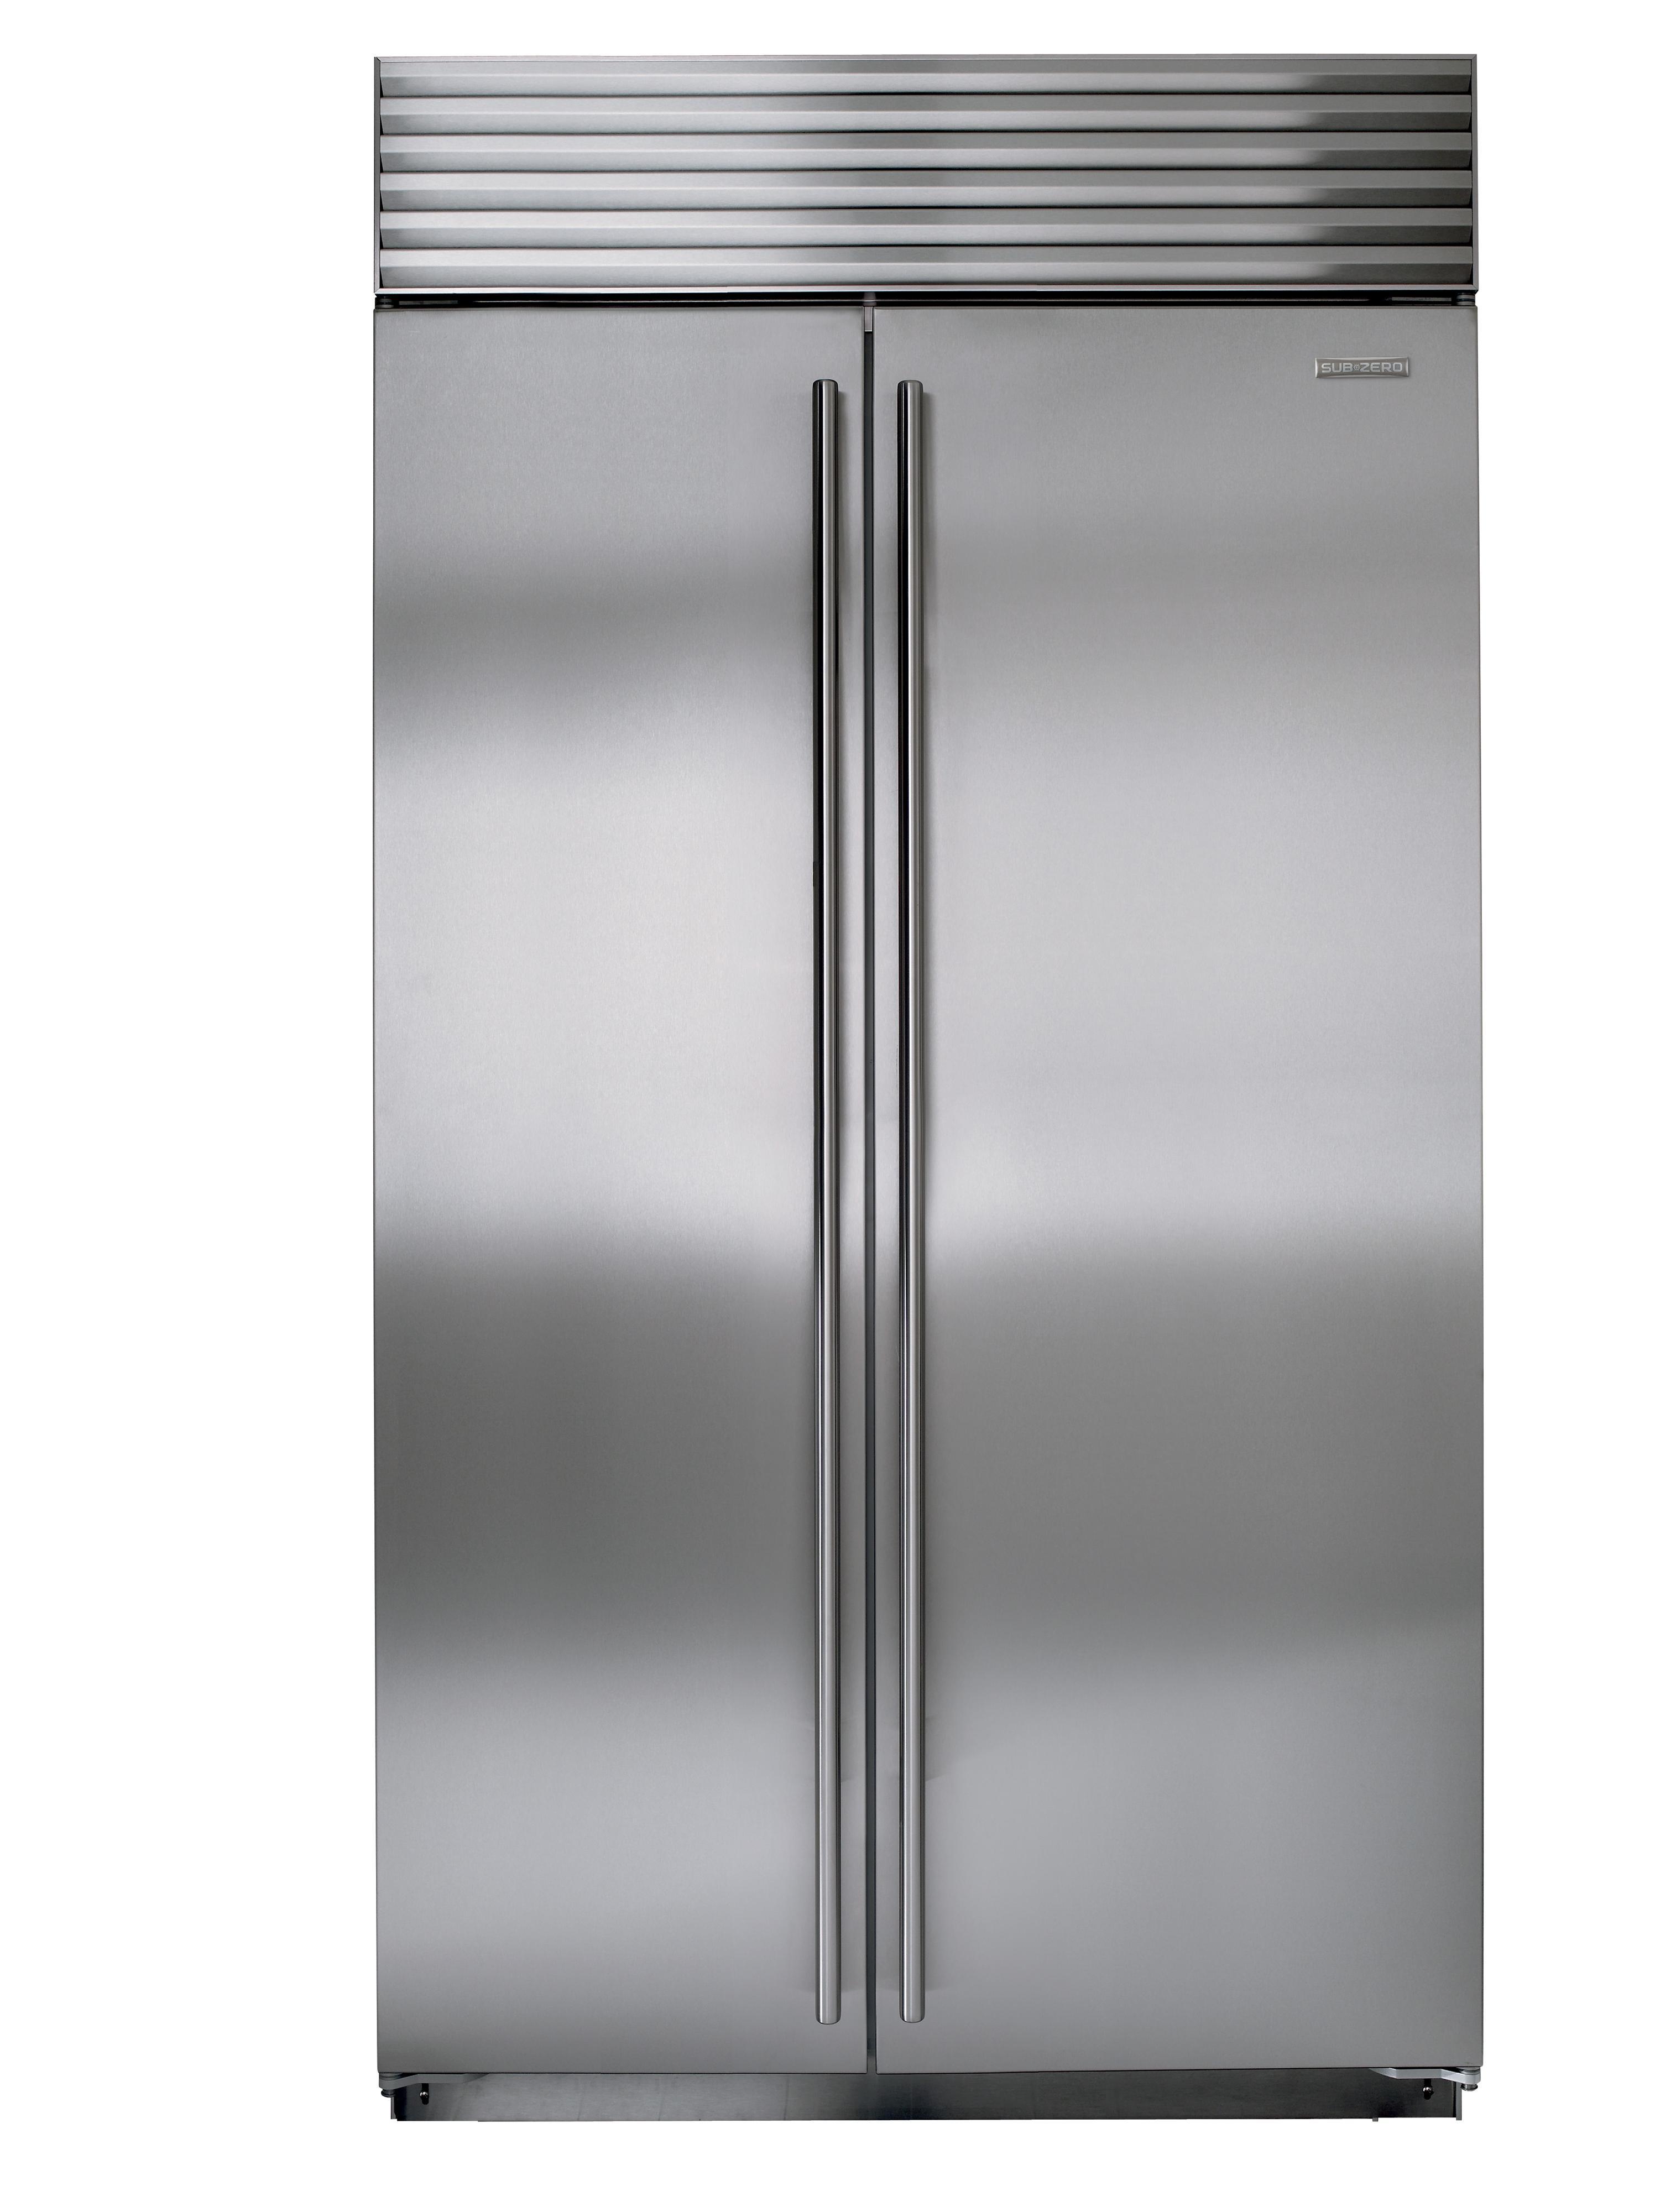 zero sub large open drawers doors product freezer uc productsincategoryxml